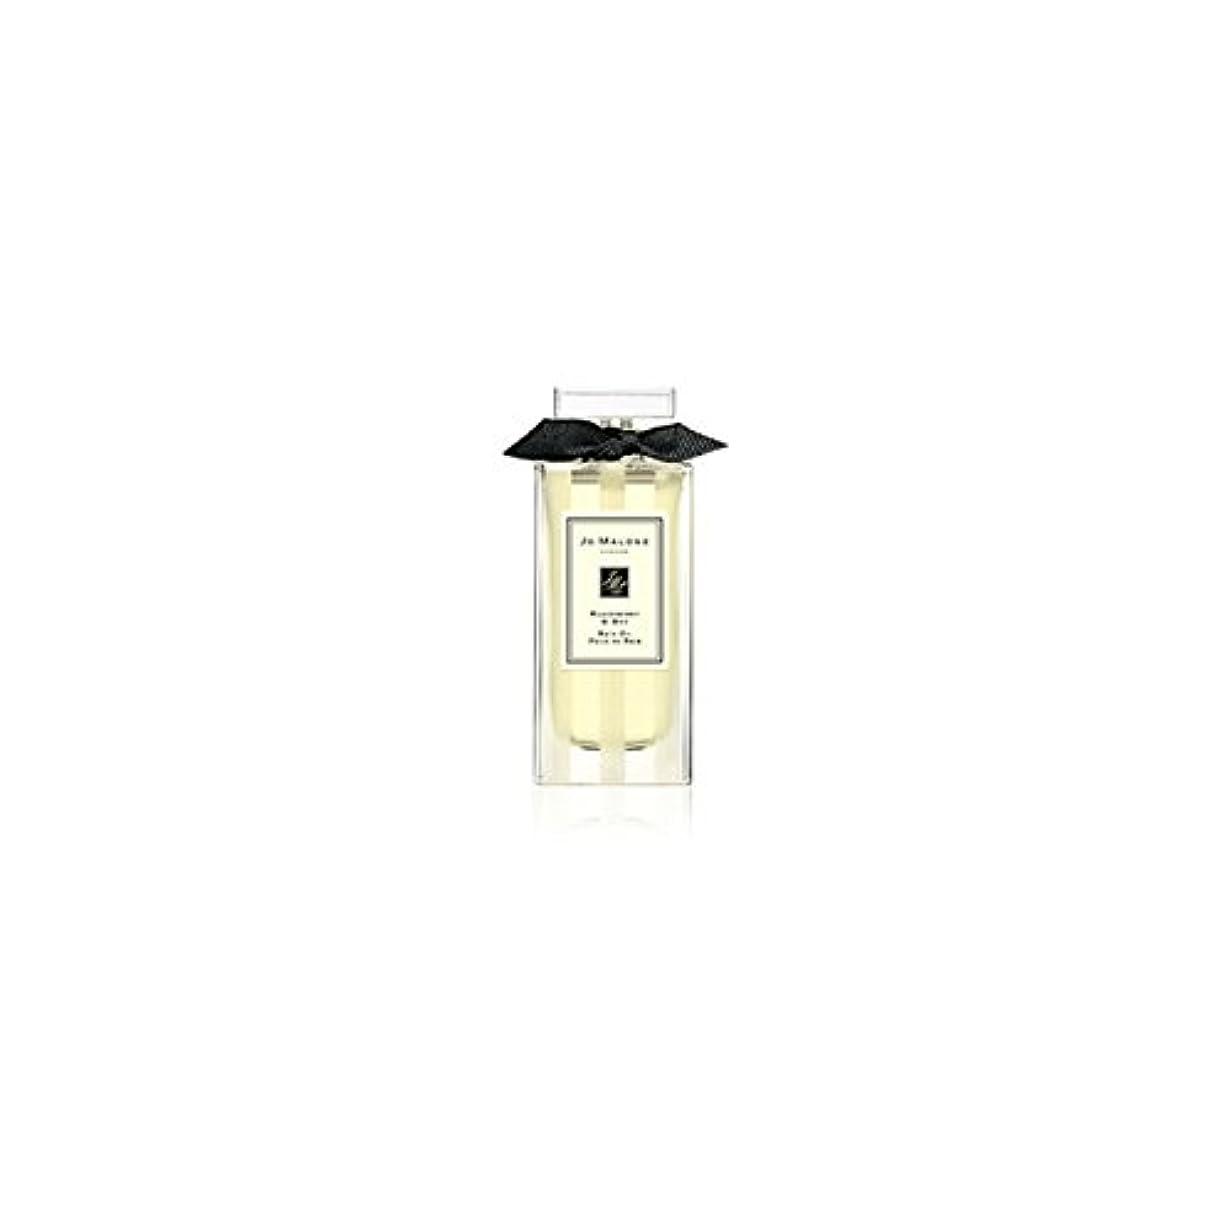 ぼかし継続中気を散らすJo Malone Blackberry & Bay Bath Oil - 30ml (Pack of 6) - ジョーマローンブラックベリー&ベイバスオイル - 30ミリリットル (x6) [並行輸入品]